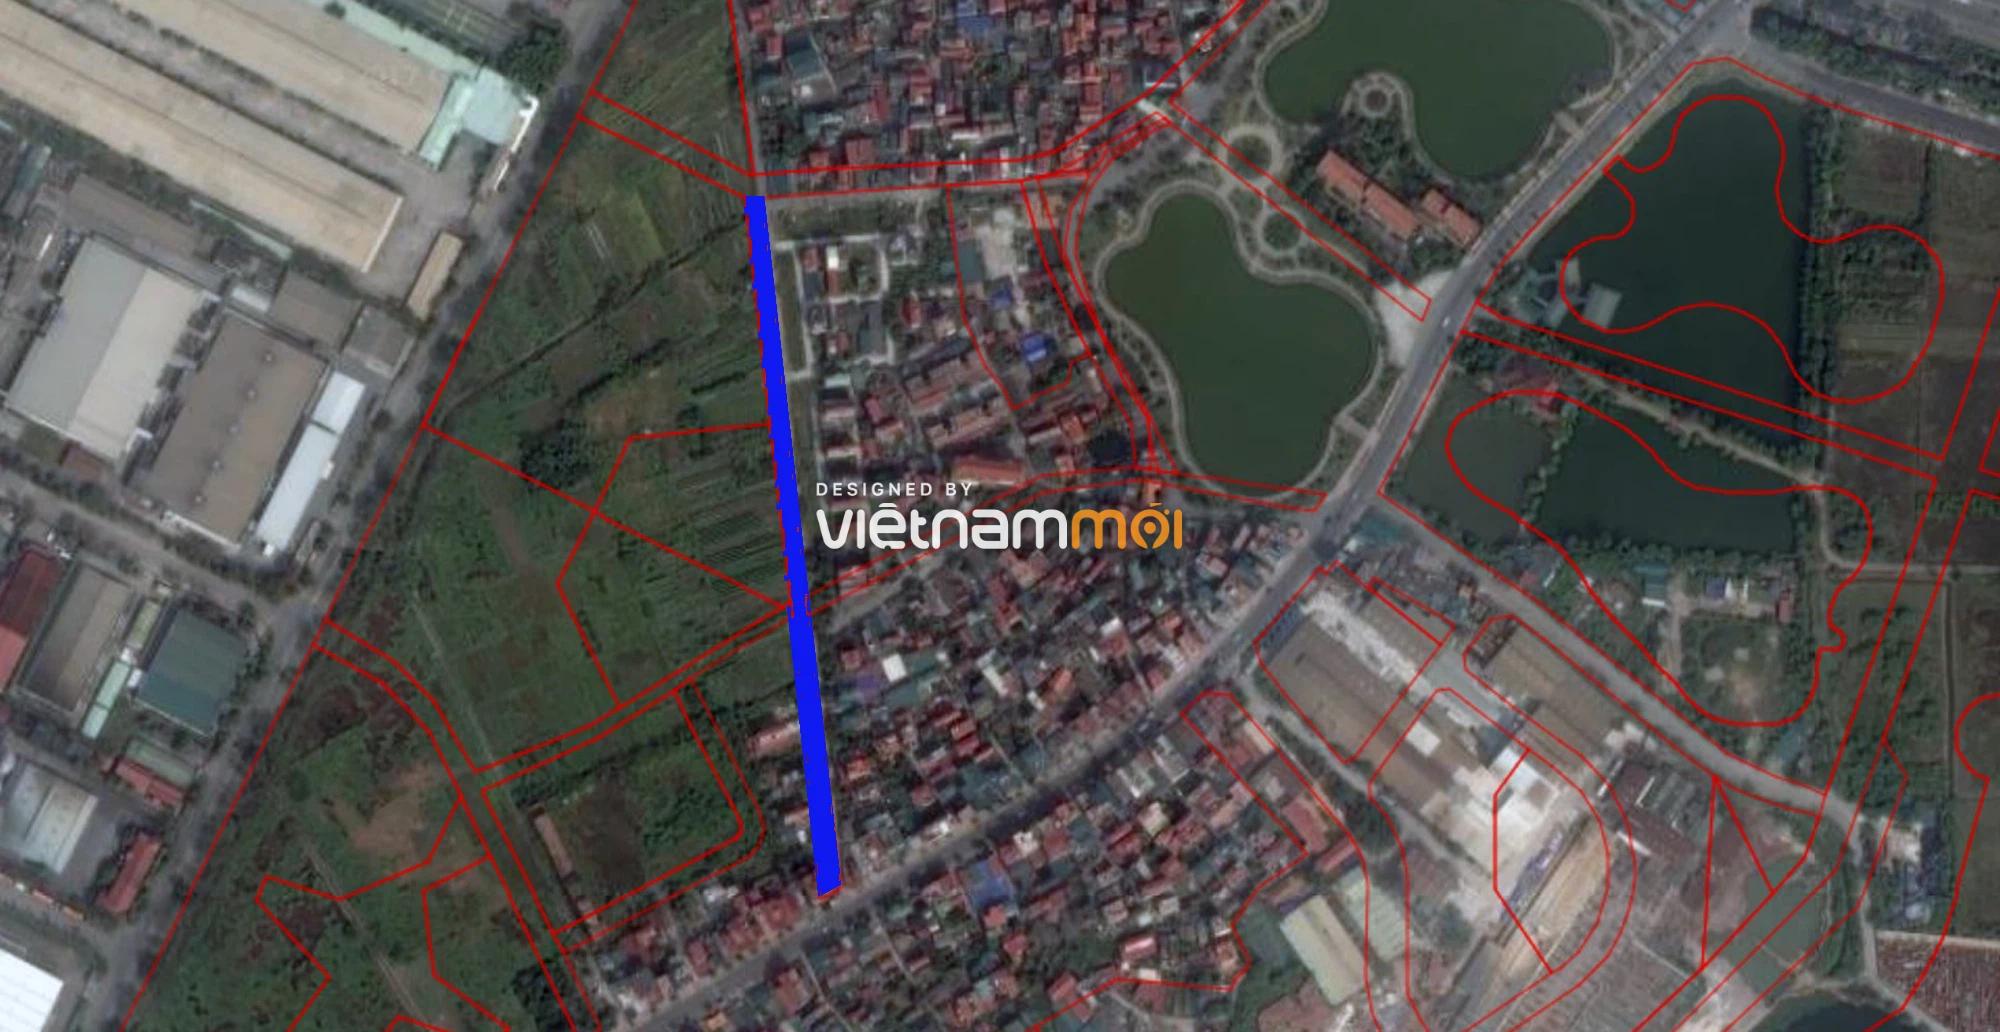 Những khu đất sắp thu hồi để mở đường ở phường Thạch Bàn, Long Biên, Hà Nội (phần 2) - Ảnh 14.